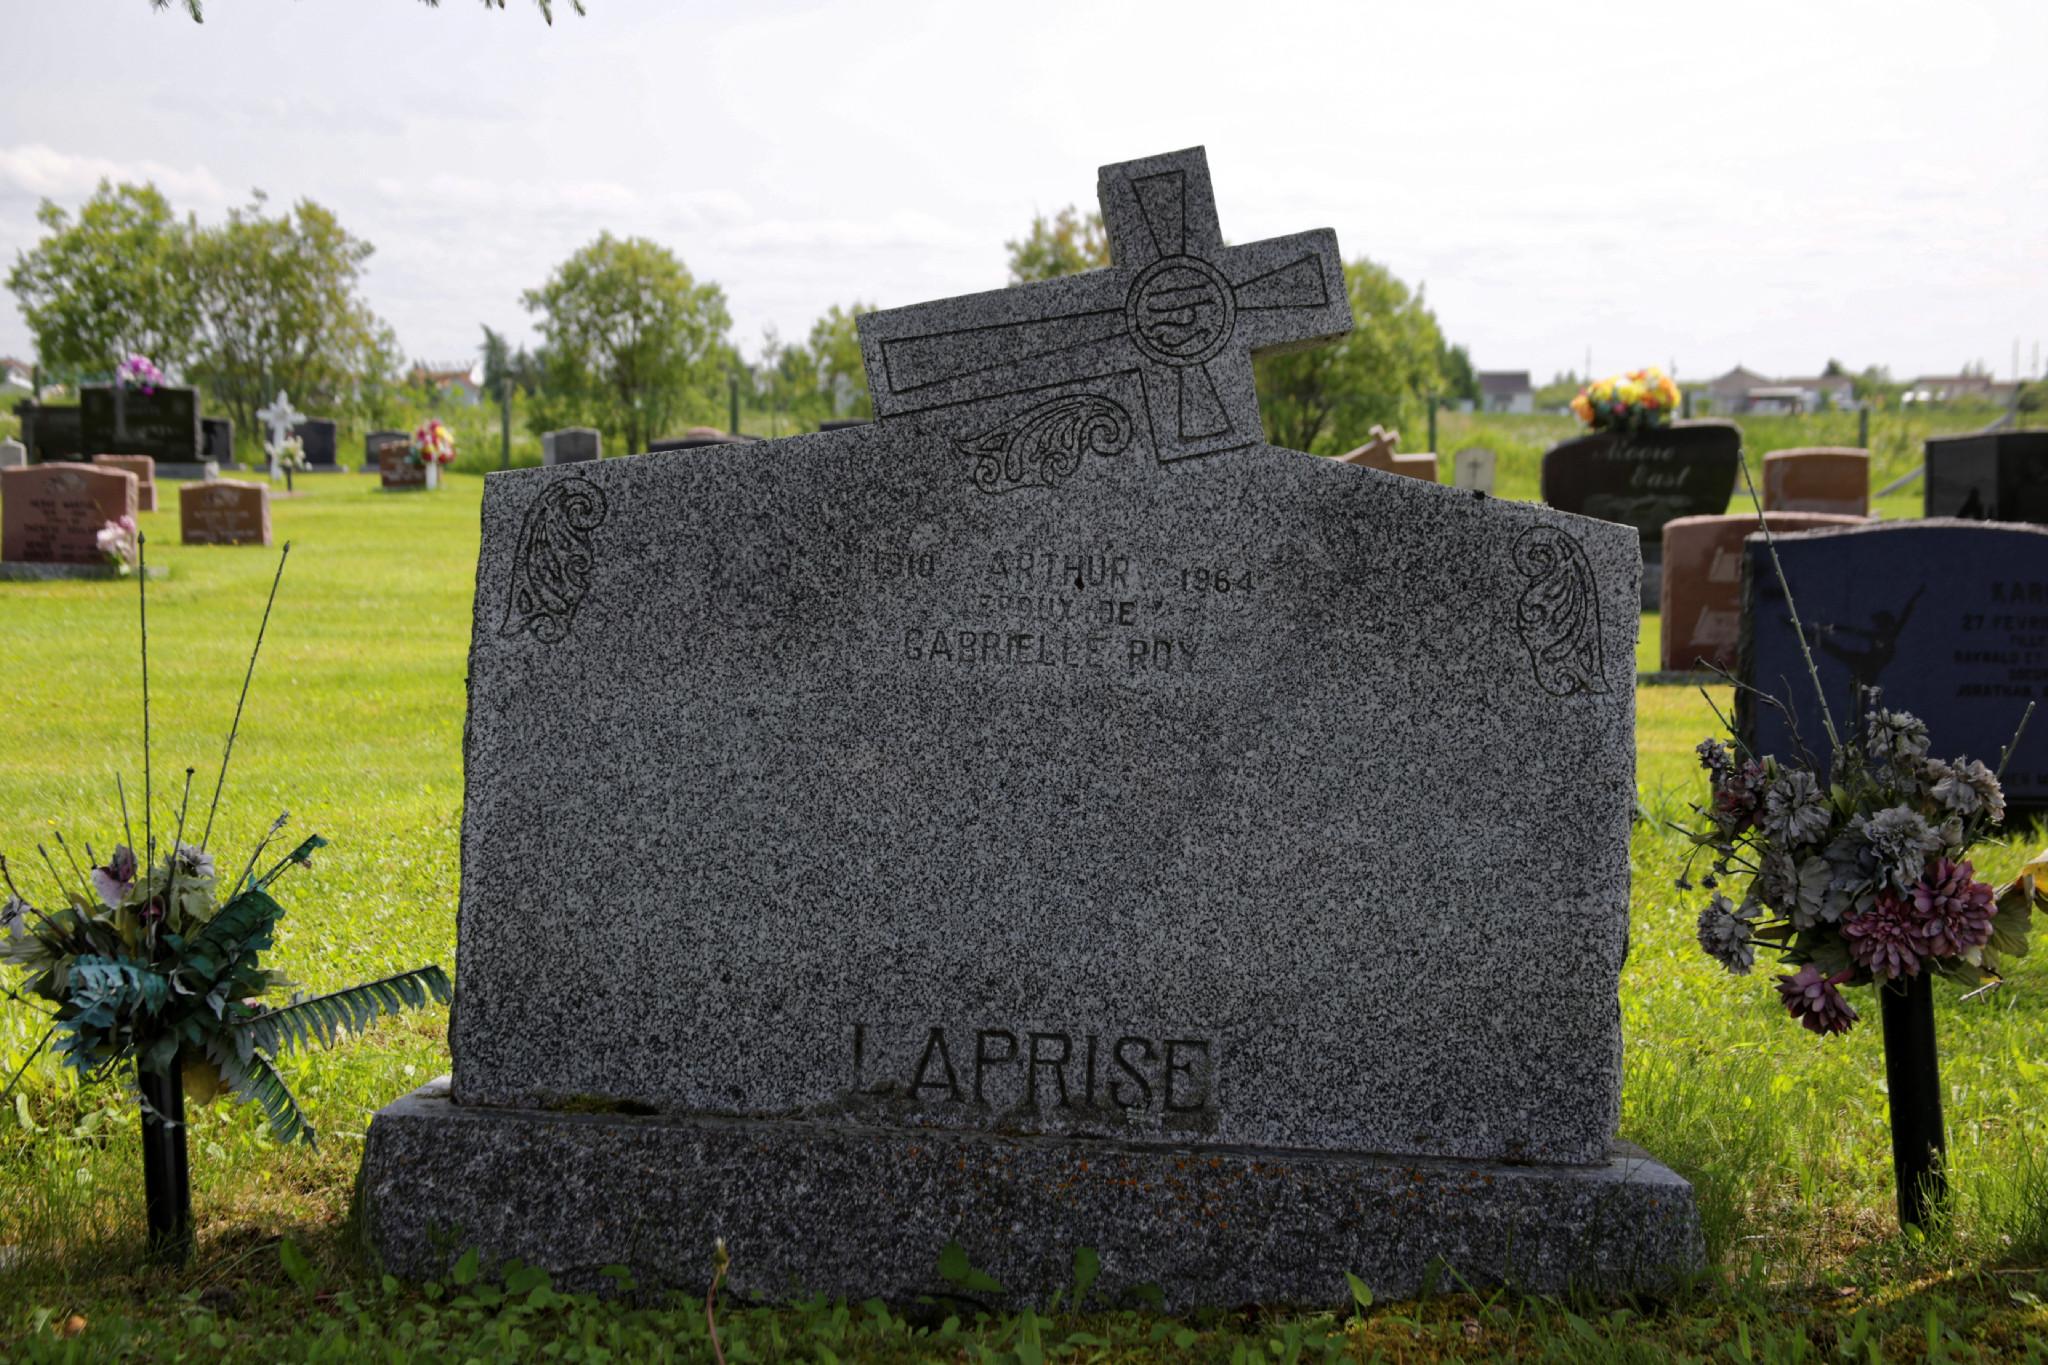 Arthur Laprise